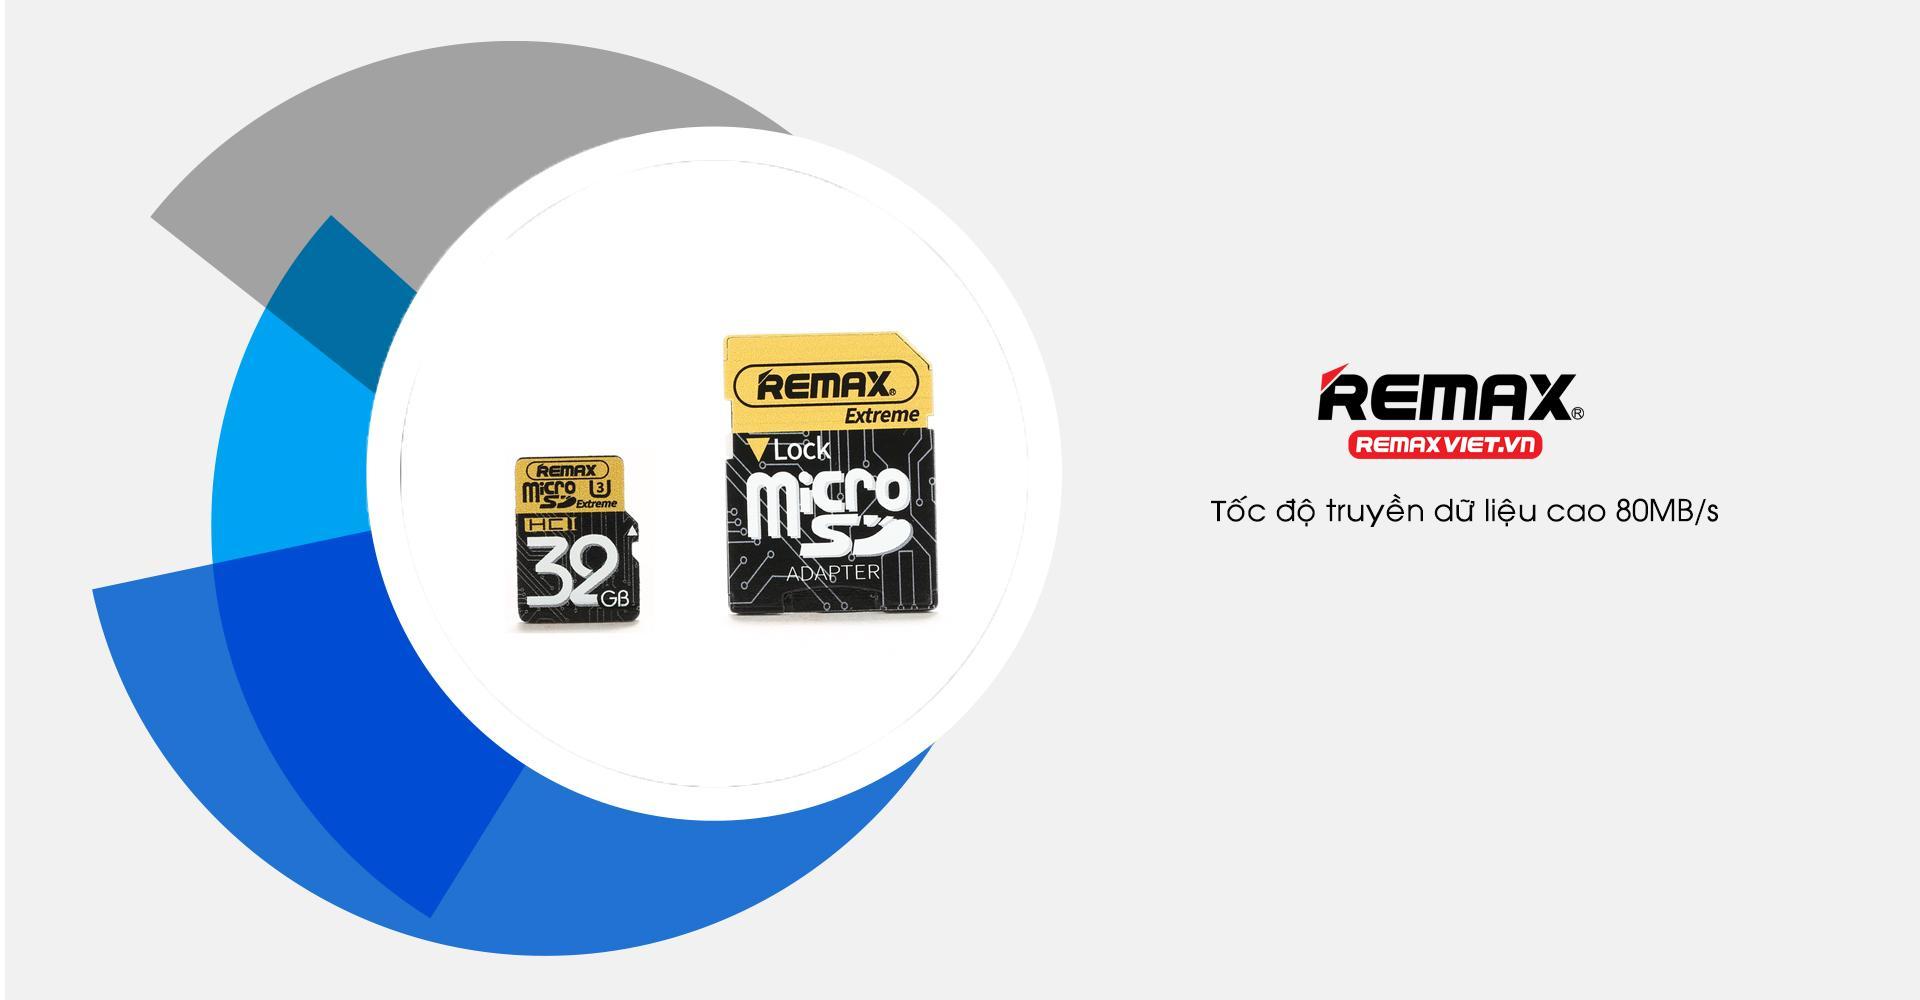 """THẺ NHỚ REMAX MICRO SD 32GB U3 """"THOẢI MÁI LƯU GIỮ KHOẢNH KHẮC"""""""